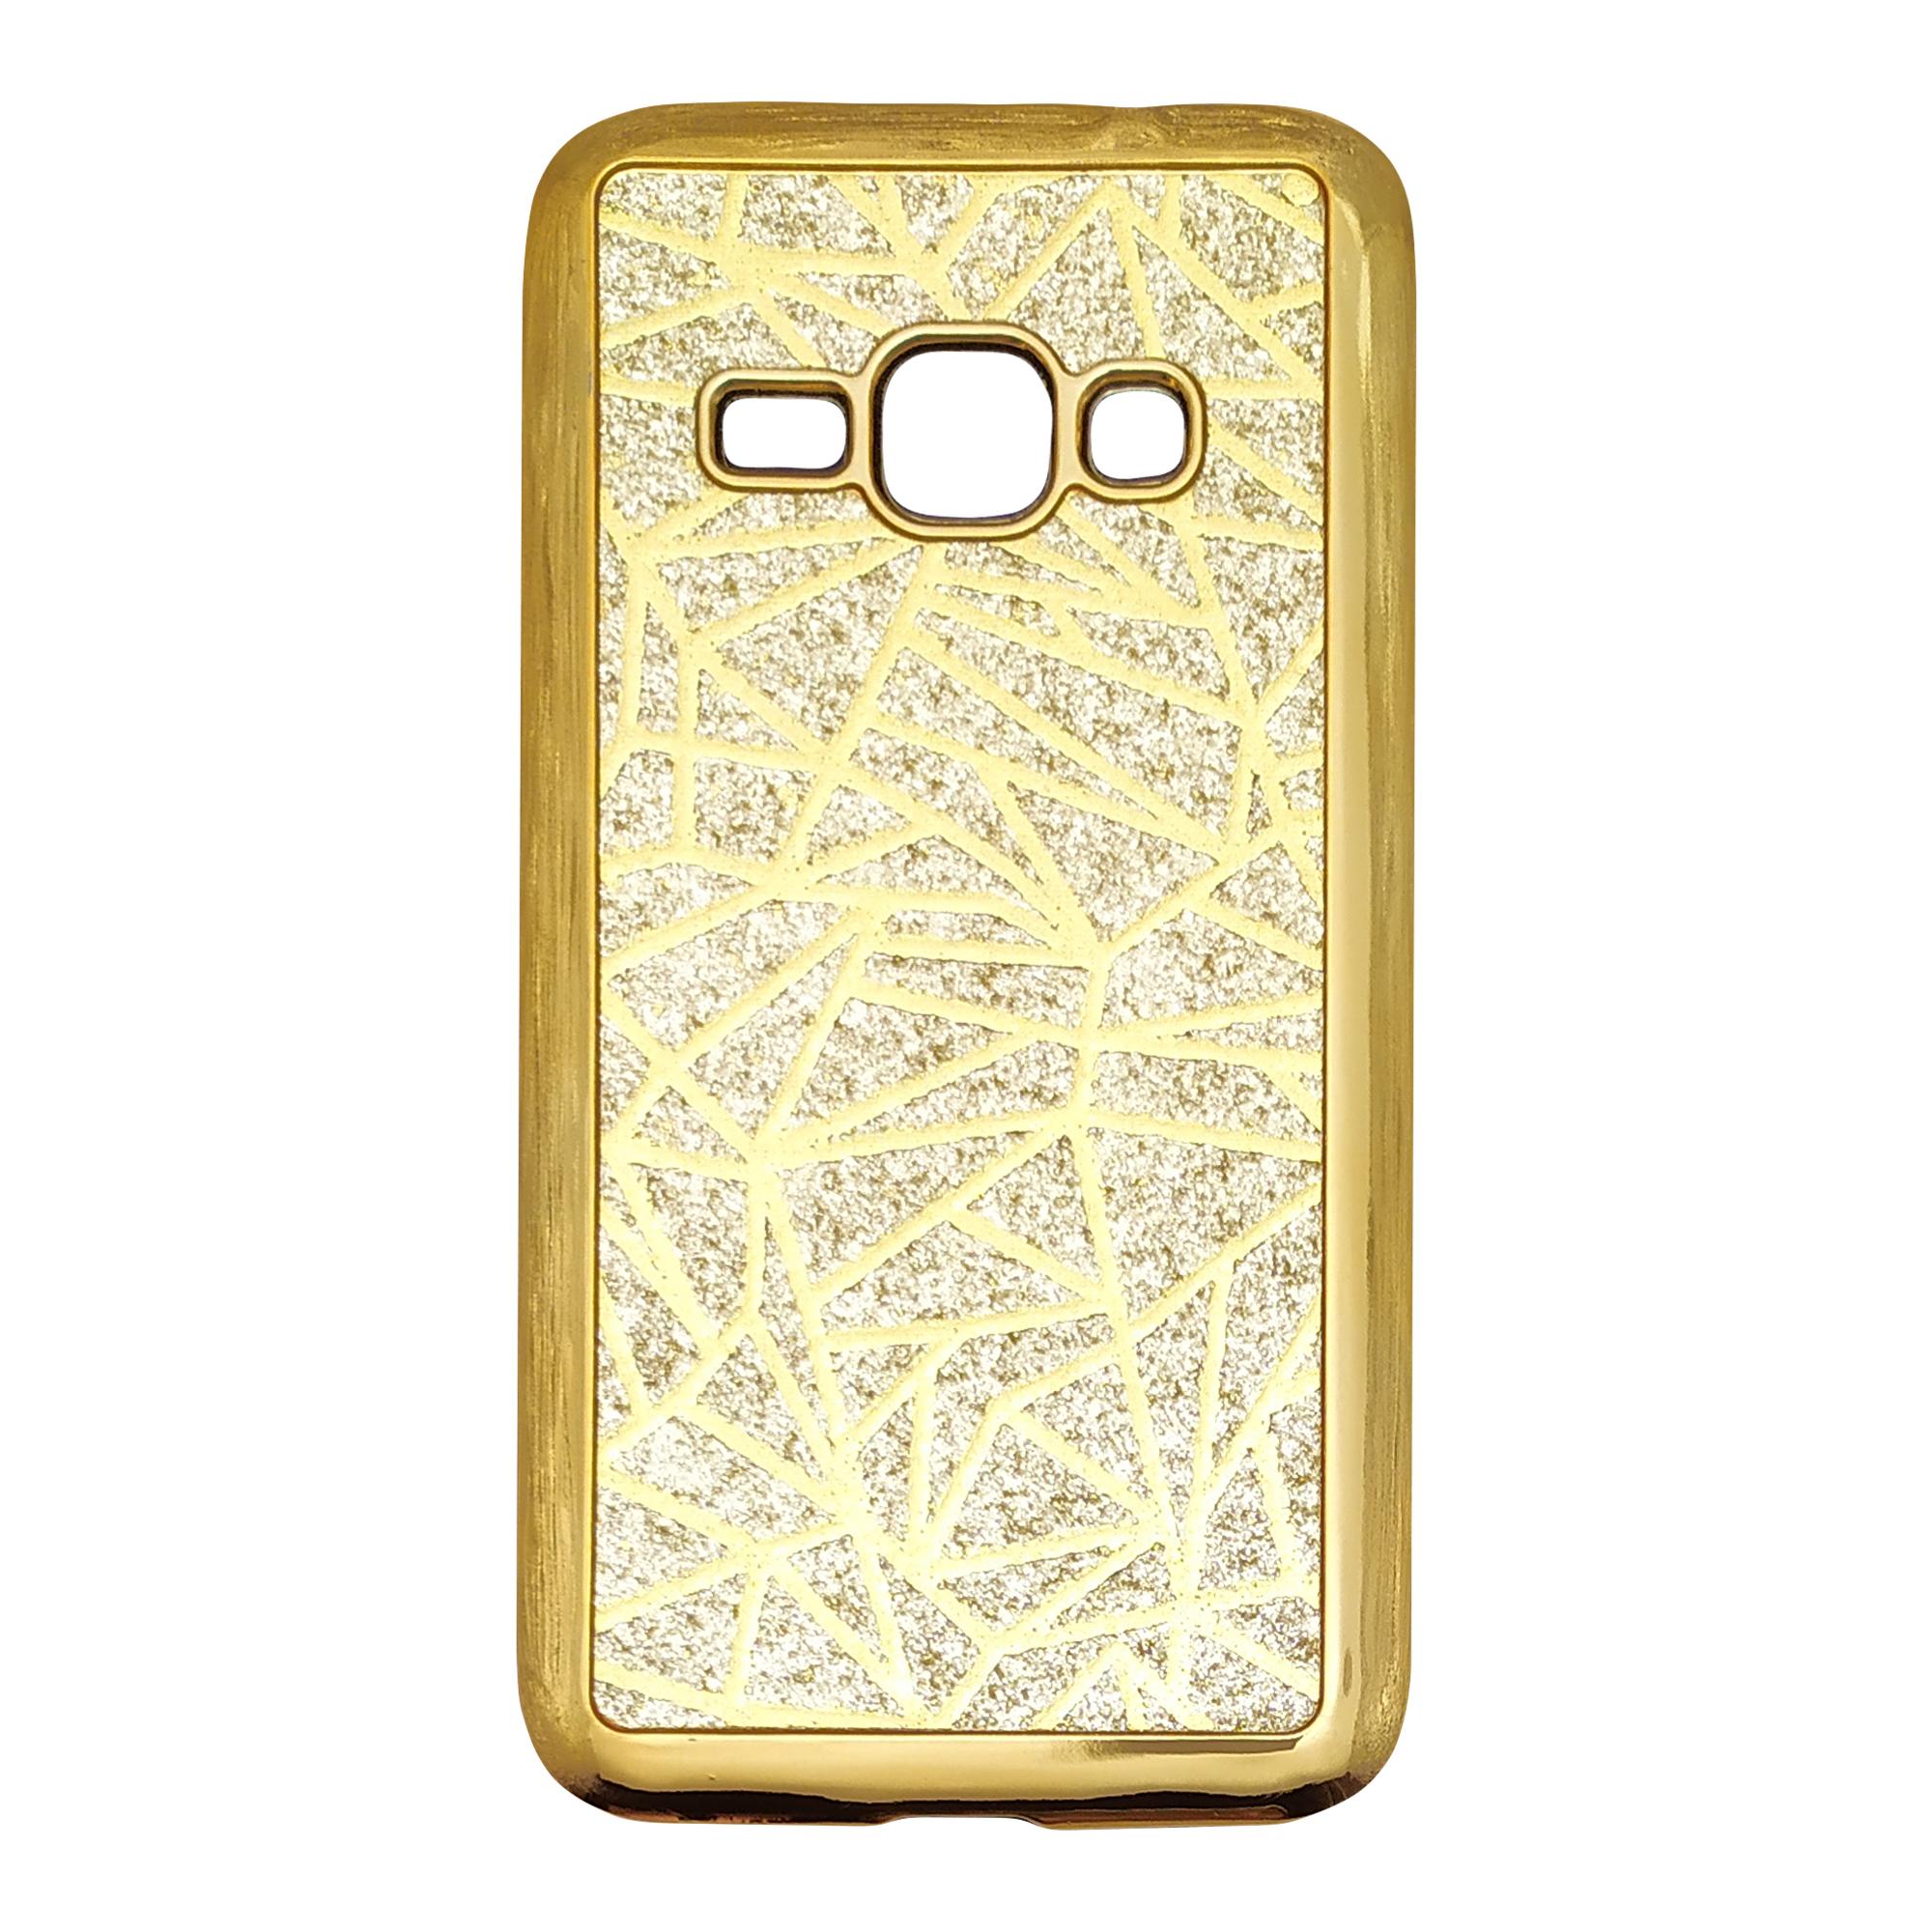 کاور کد Gn-4671 مناسب برای گوشی موبایل سامسونگ Galaxy J1 2016